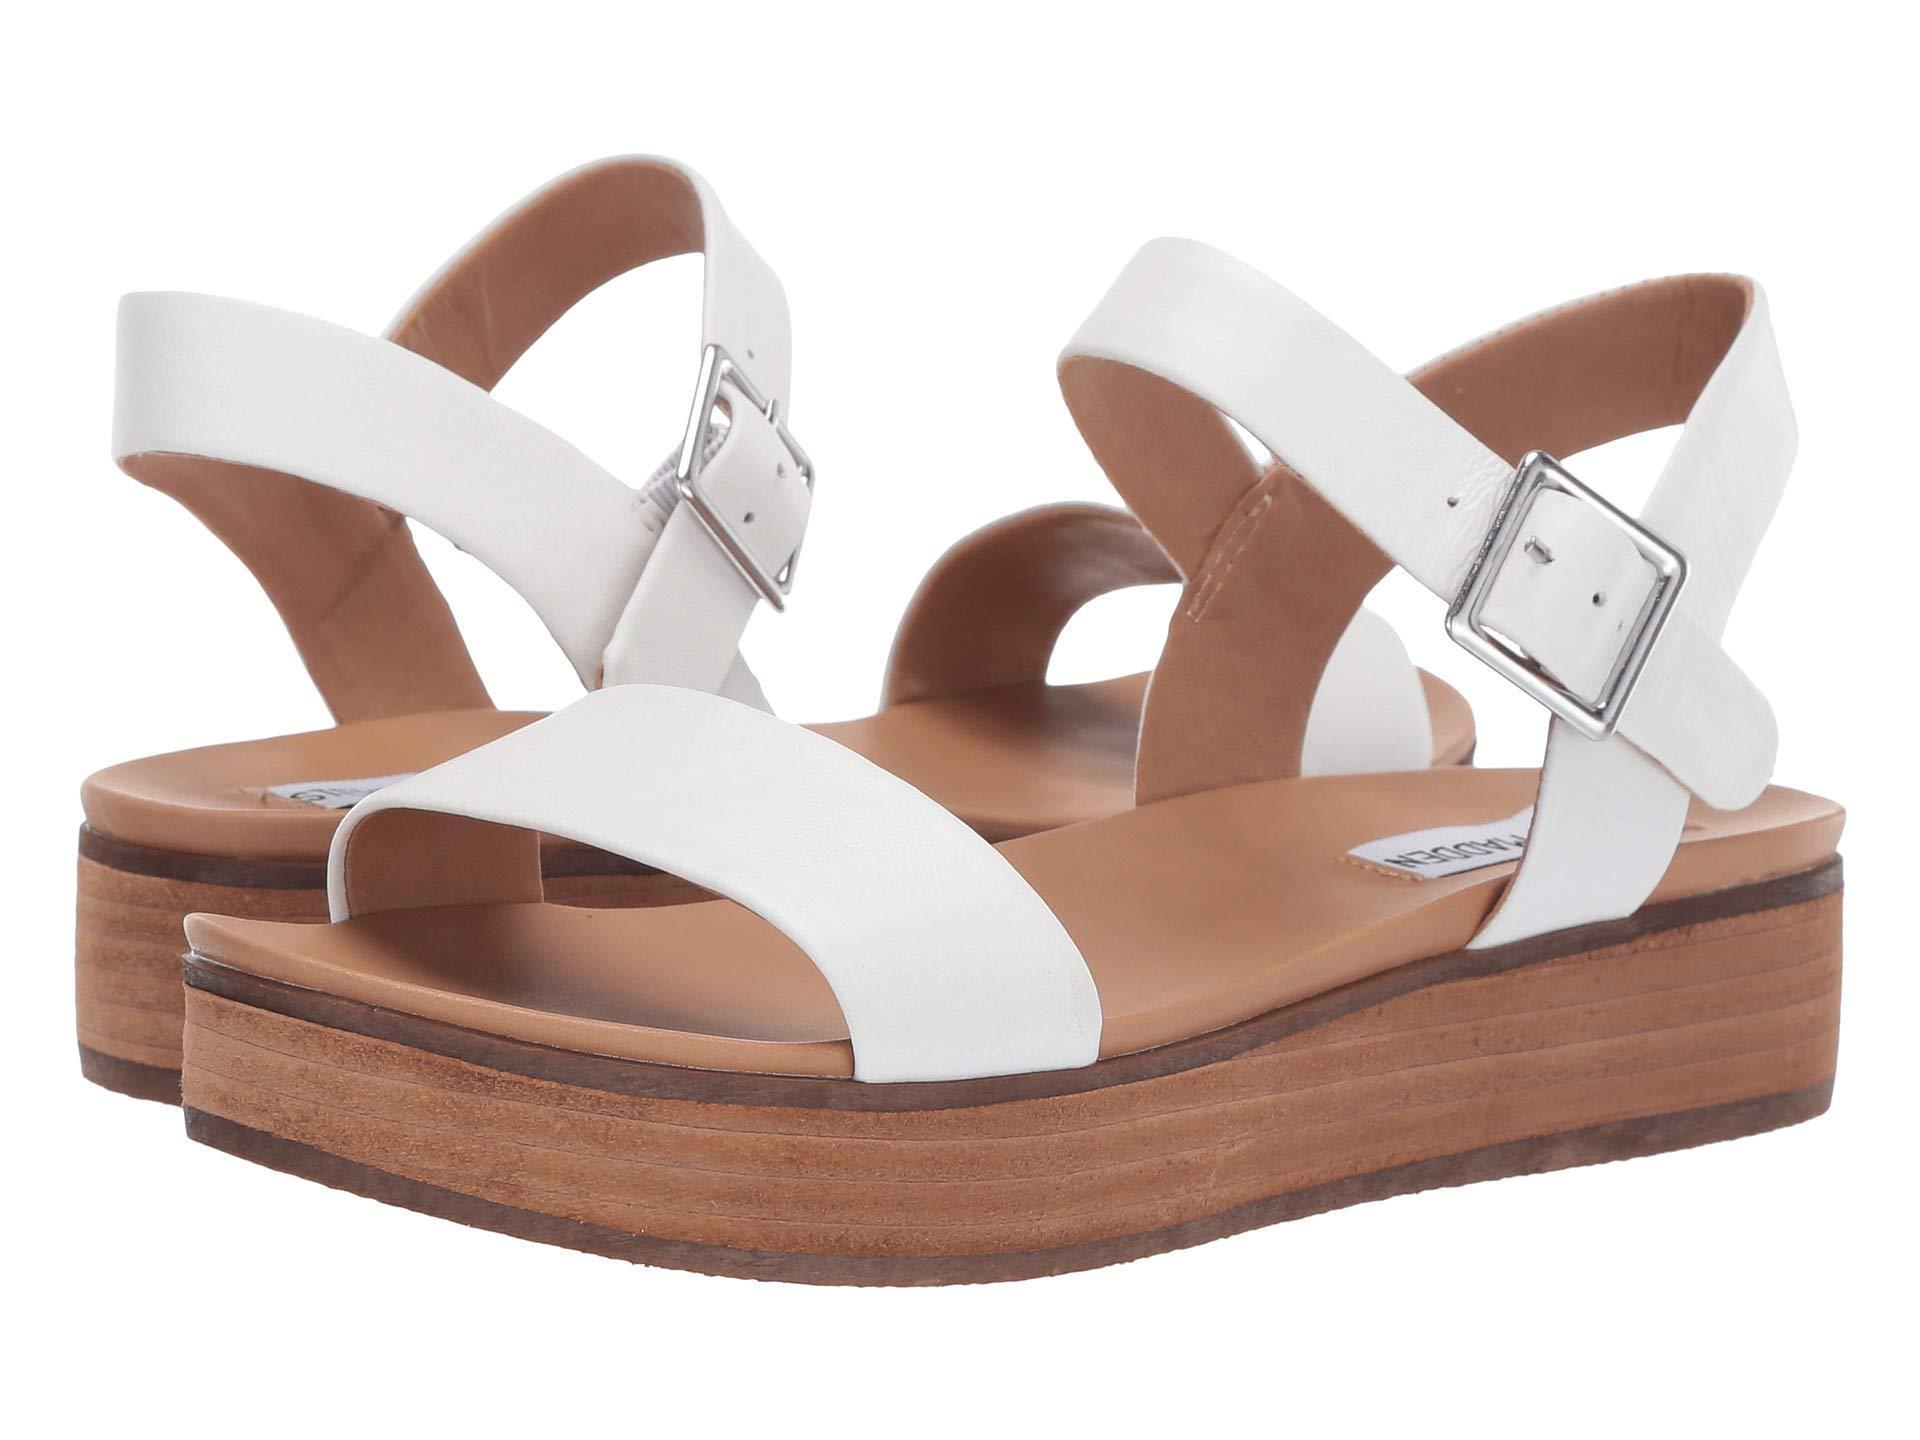 34b6187ea276 Lyst - Steve Madden Aida (natural Snake) Women s Shoes in White